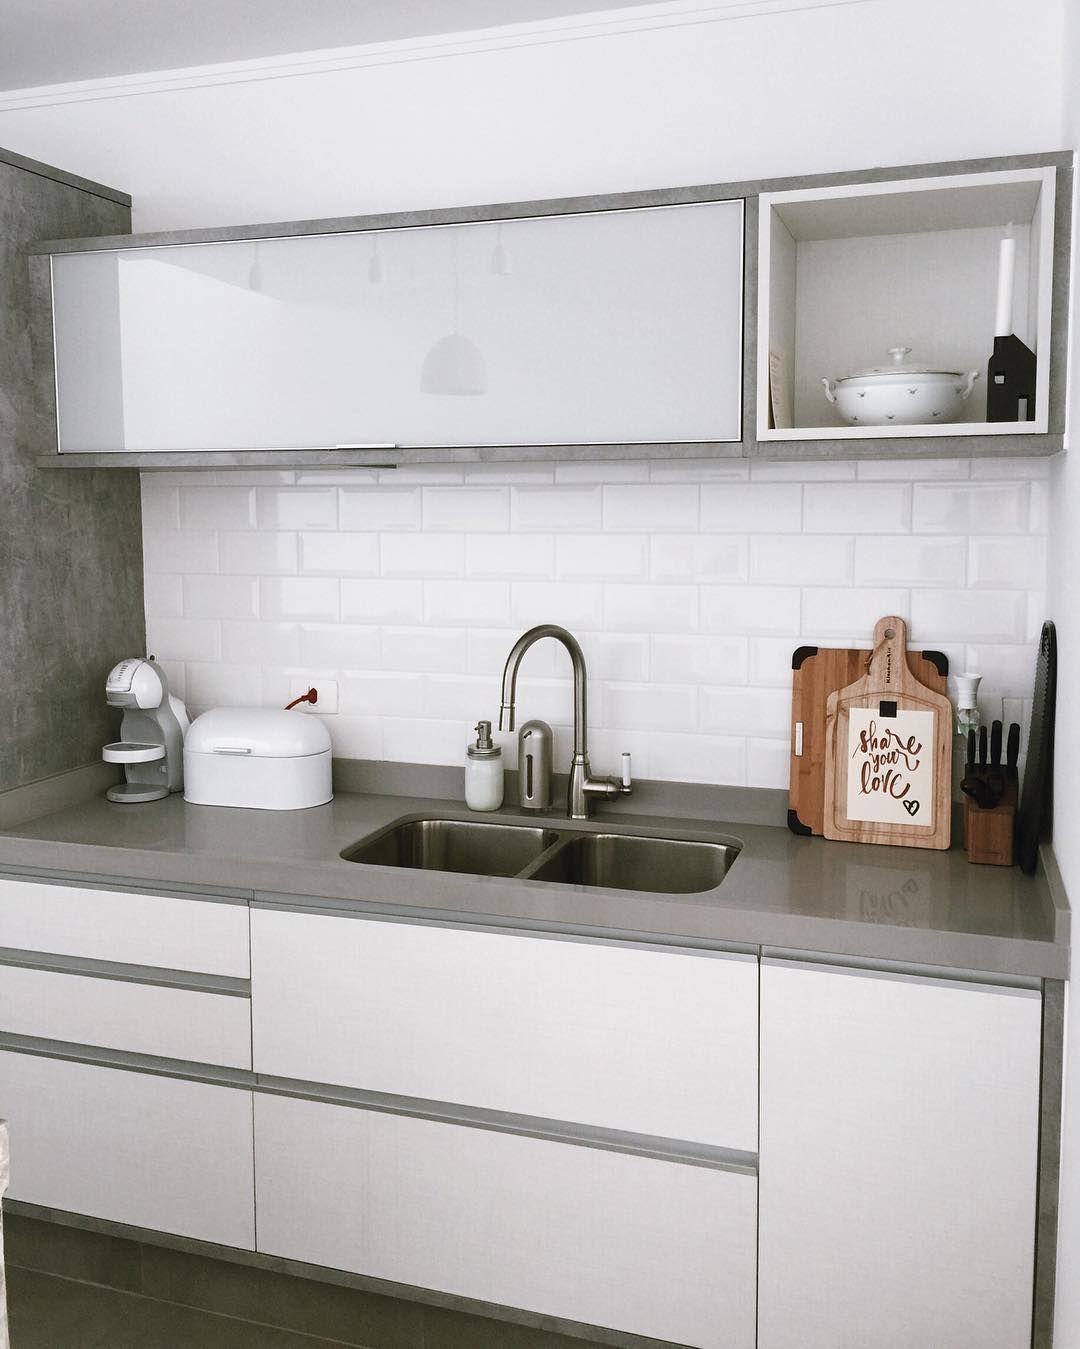 Cozinha - área da pia | Cozinha alvenaria | Pinterest